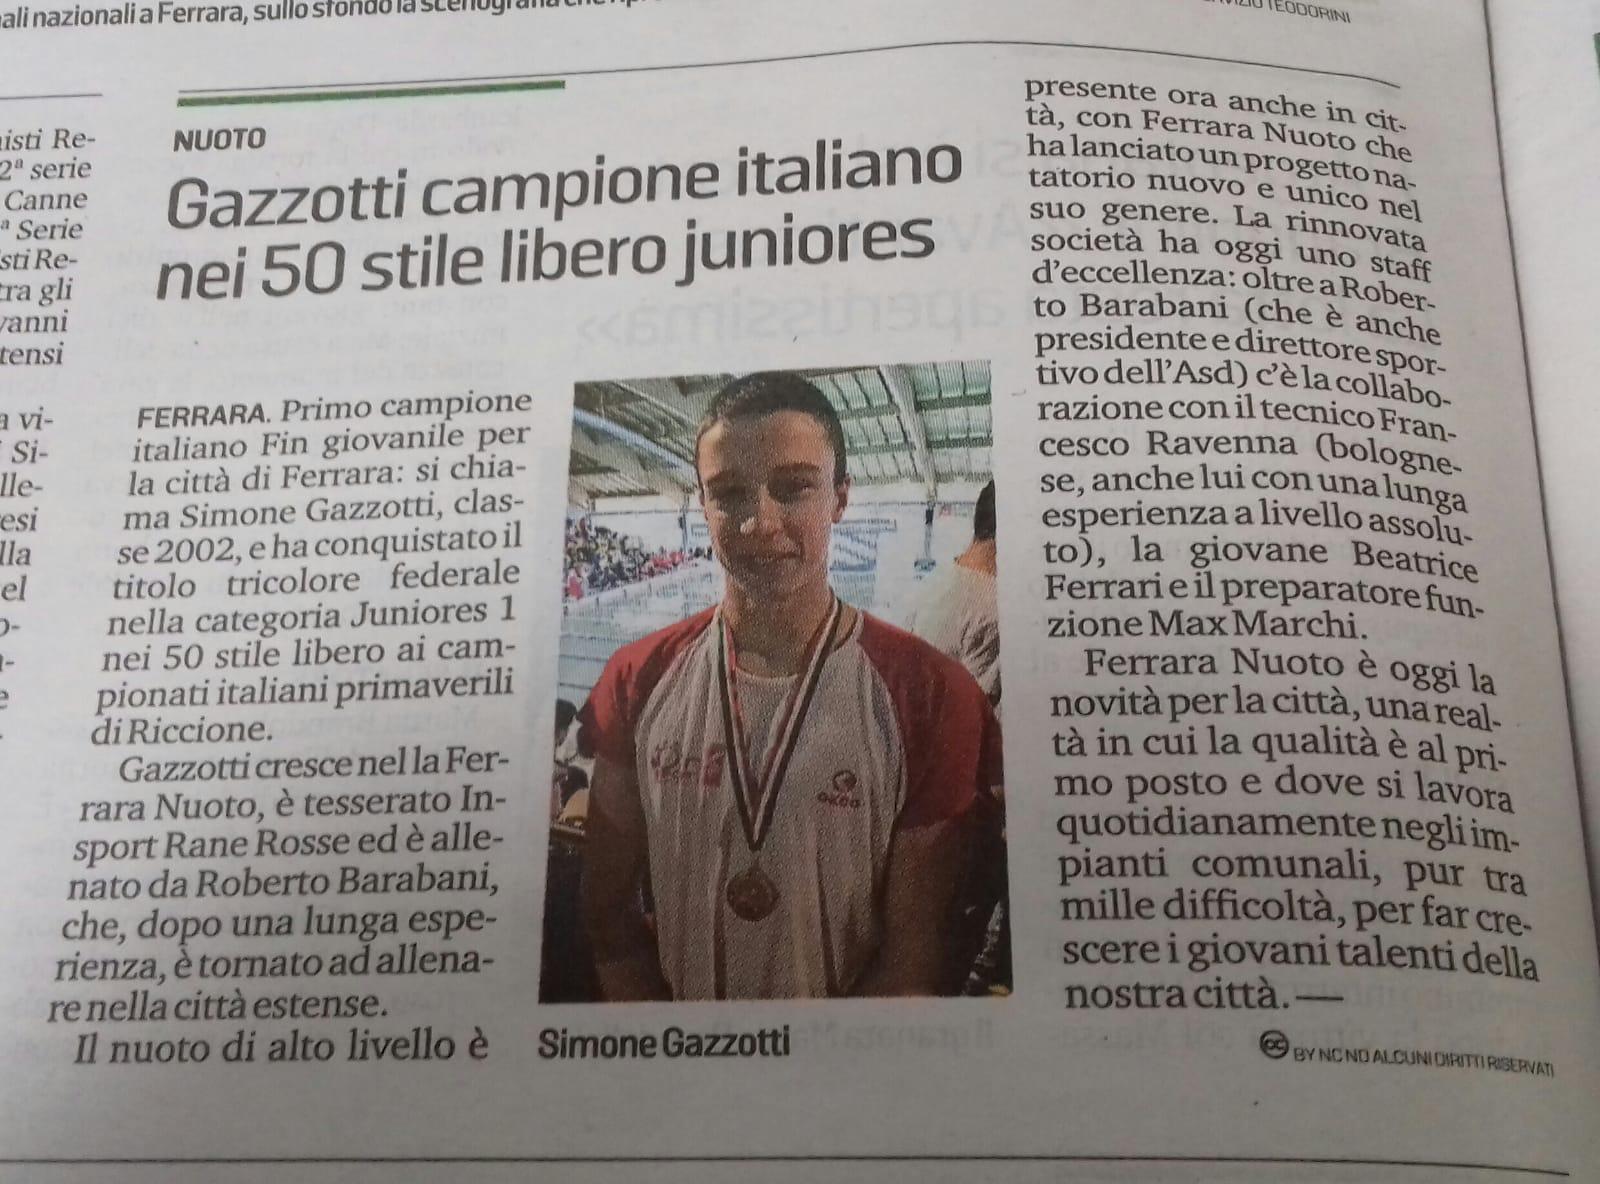 La Nuova Ferrara e Il Resto del Carlino celebrano il successo di Simone Gazzotti ai Campionati Italiani